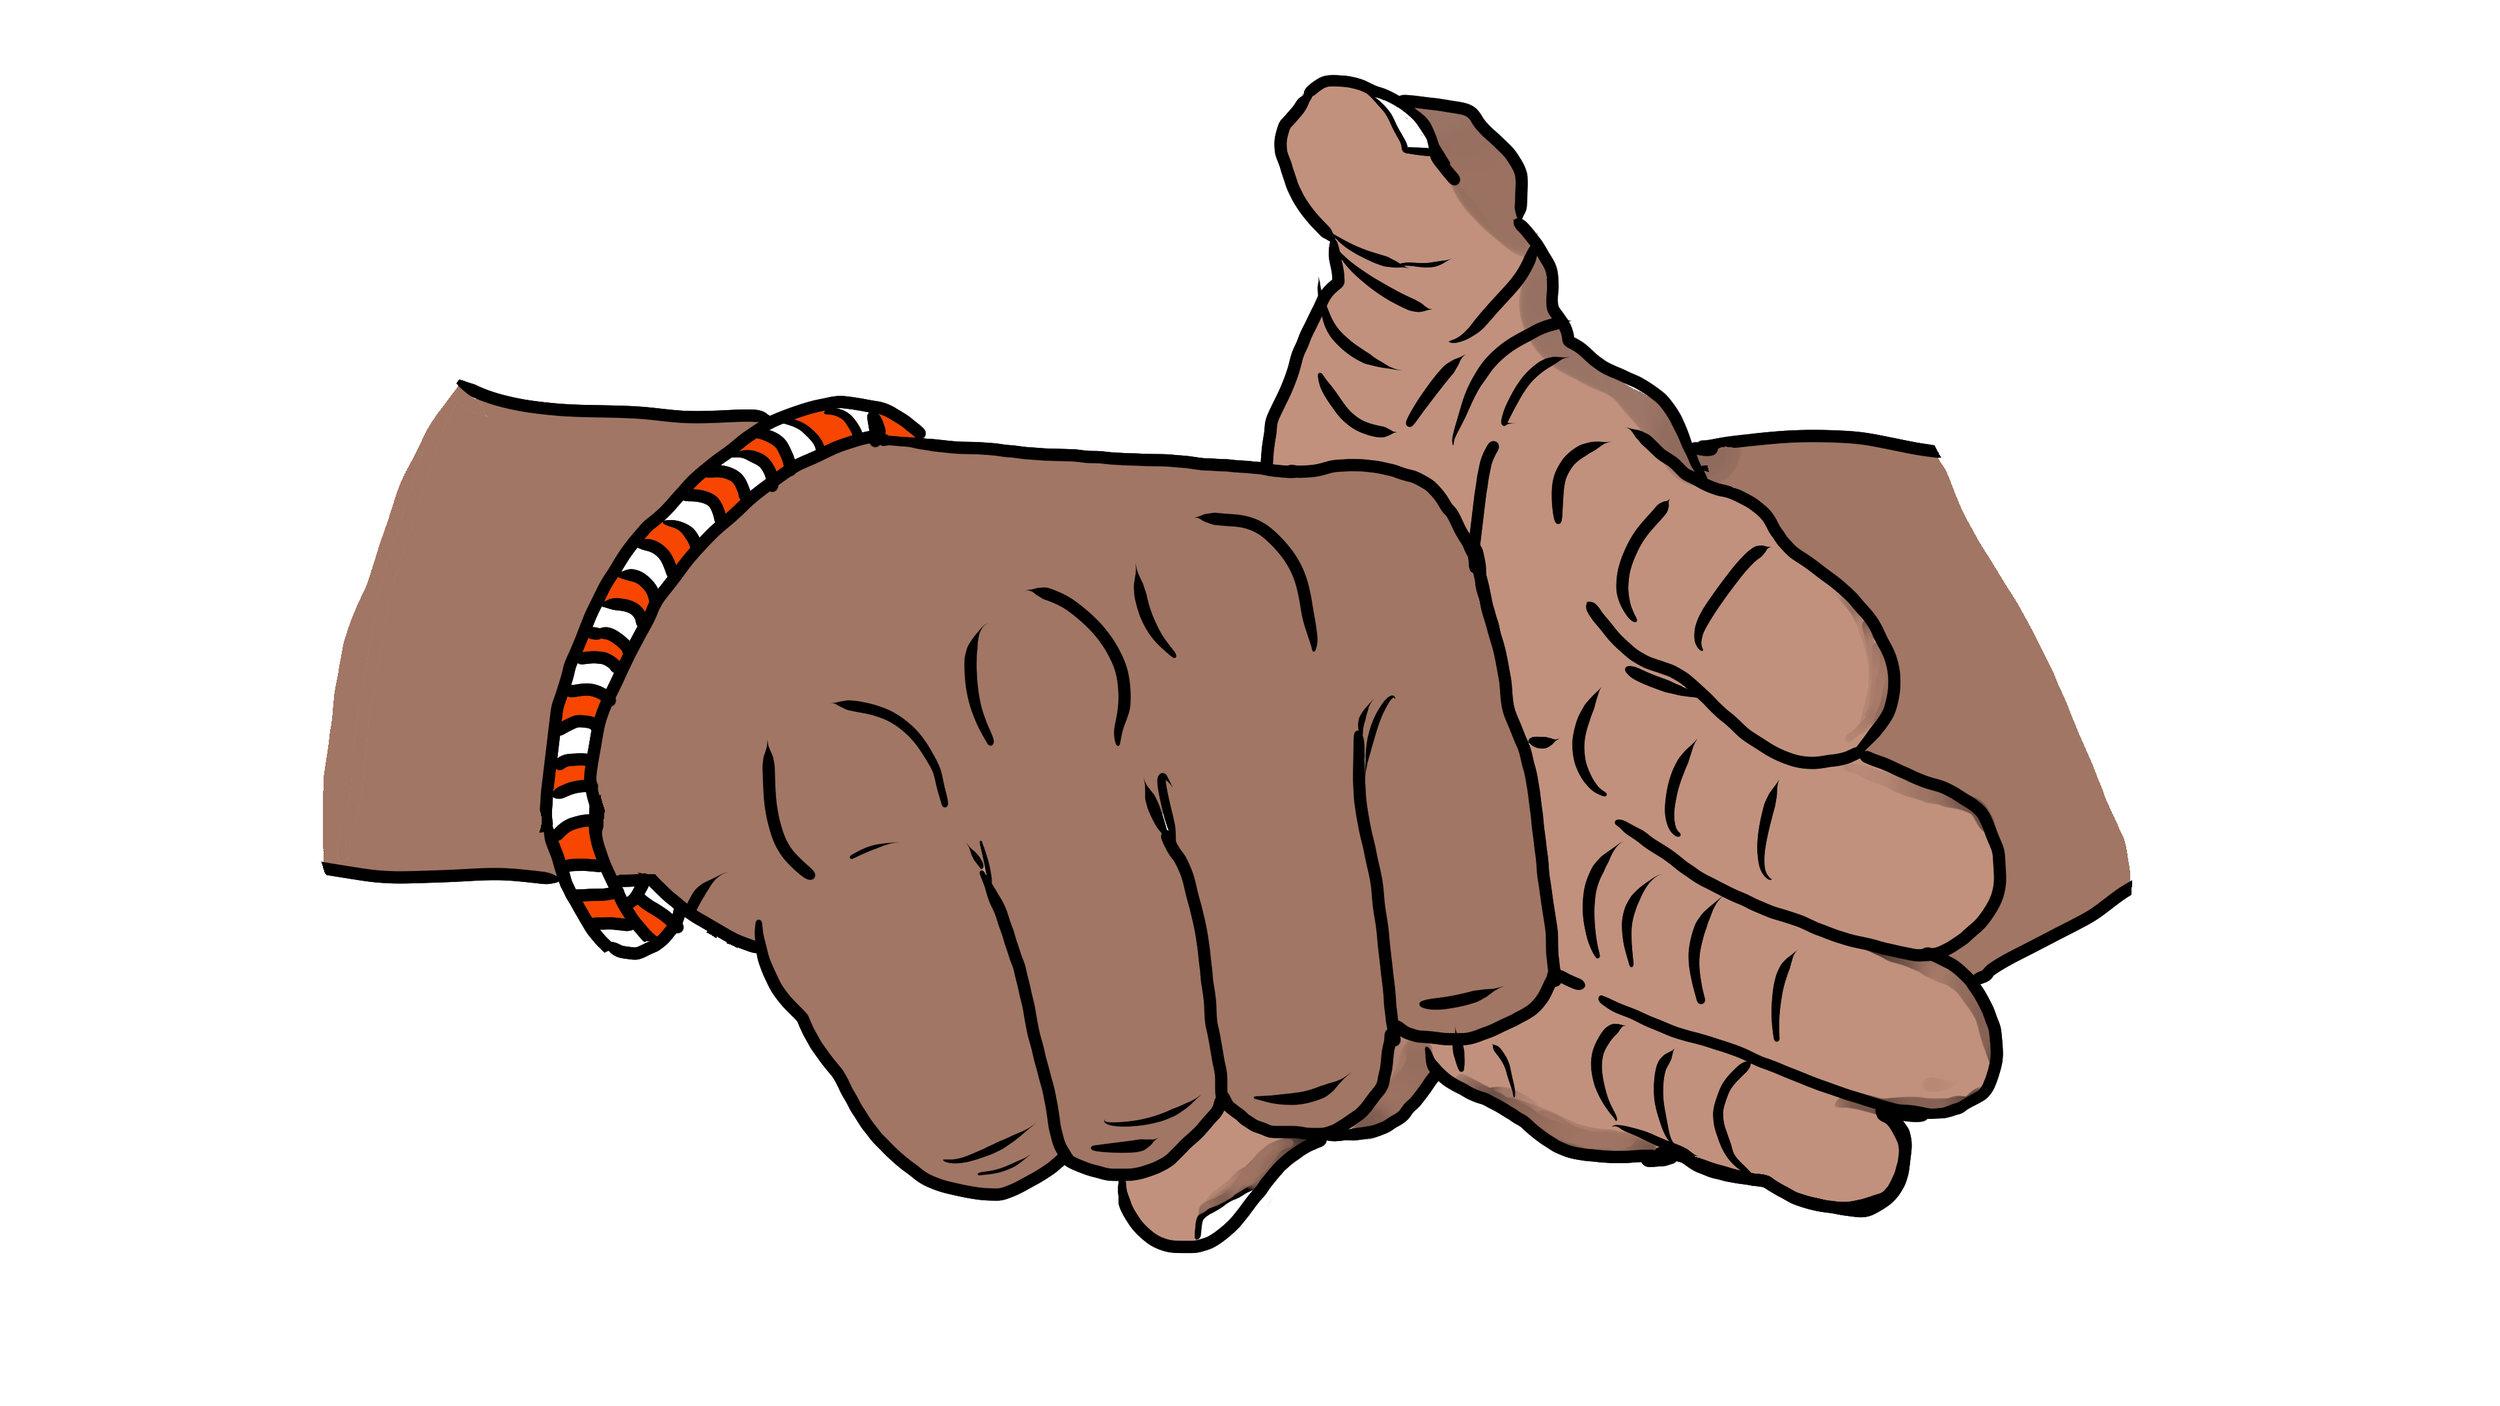 kosi iku, kosi arun, kosi ofo, yoruba prayer, rezos yoruba, rezos lukumi, rezo oricha, adura orisa